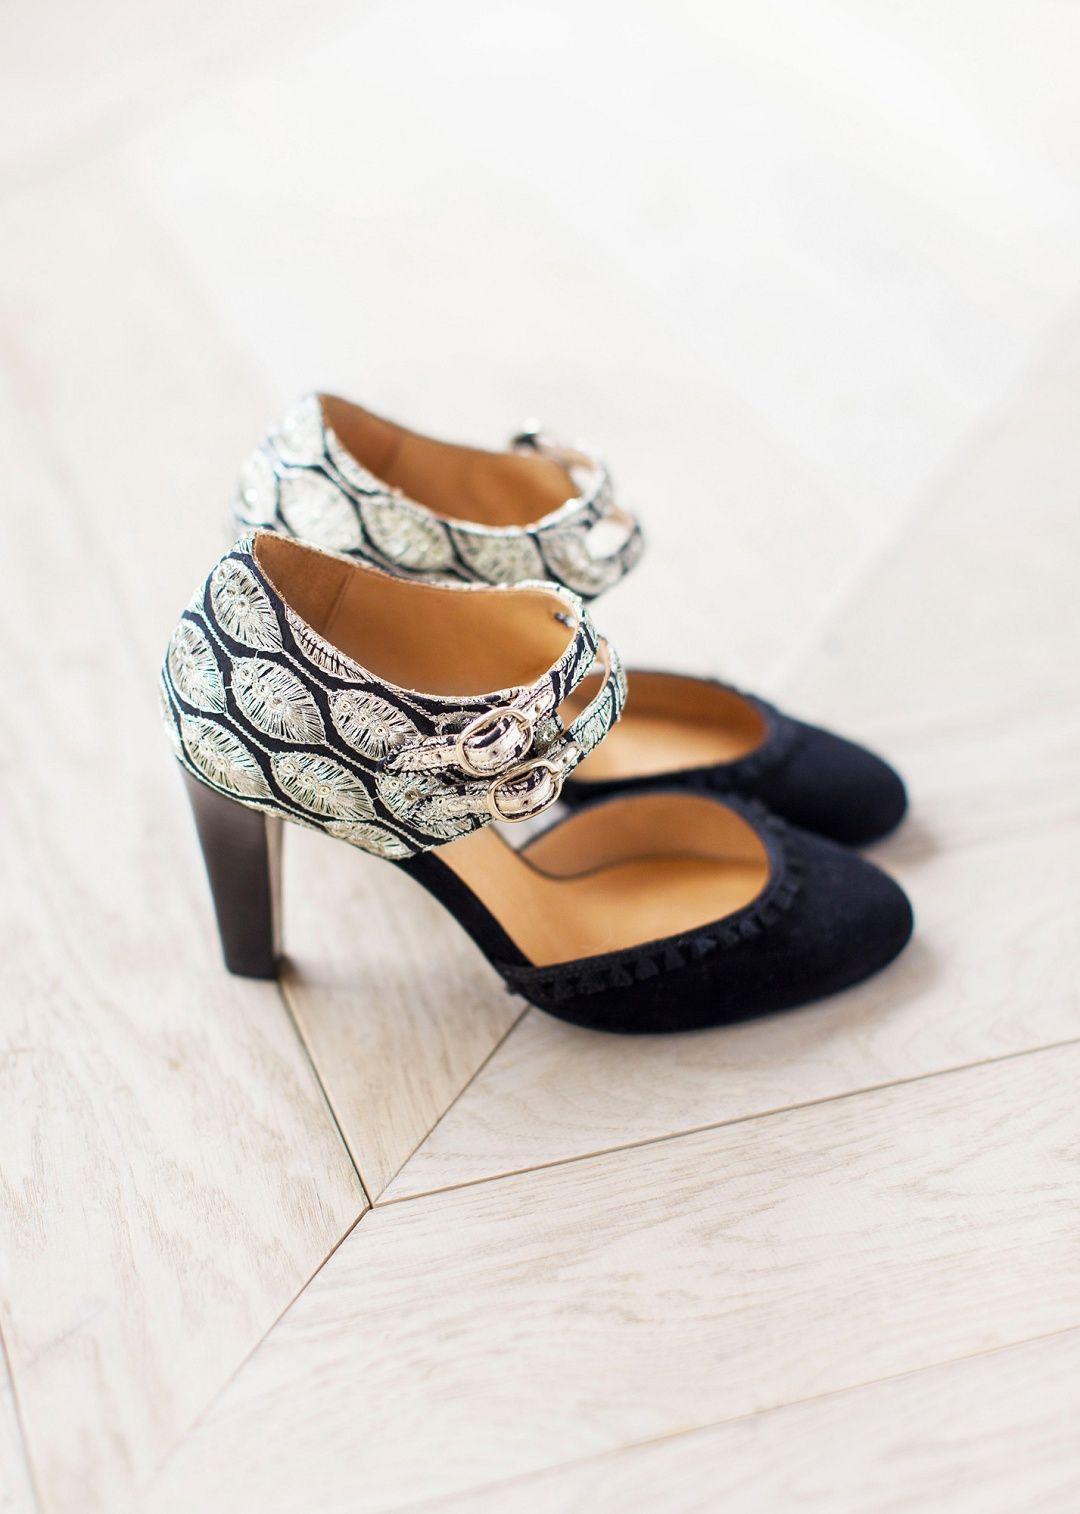 Épinglé par Cuny Laetitia sur Shoes